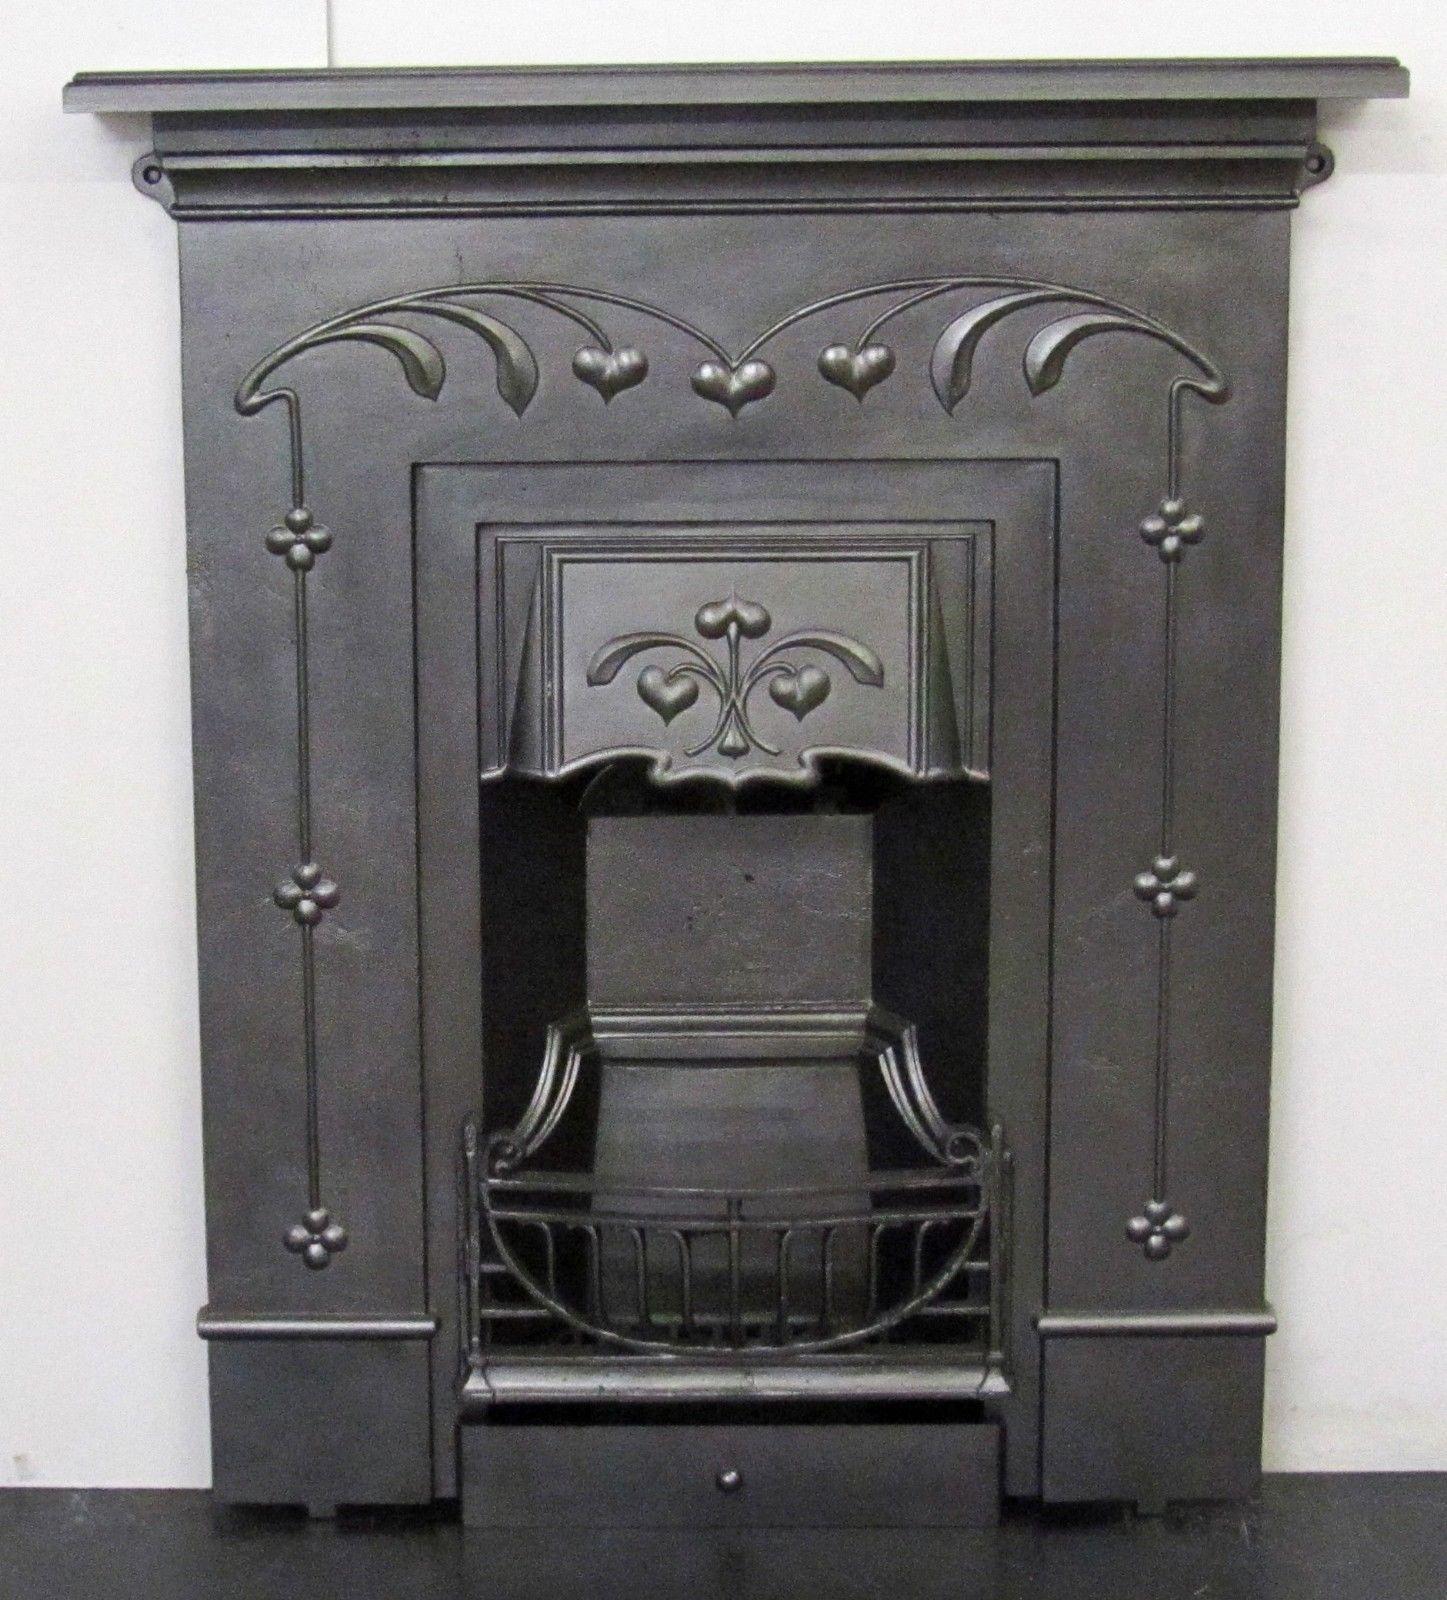 Original Antique Art Nouveau Cast Iron Fireplace Antique Fireplace Surround Antique Fireplace Art Nouveau